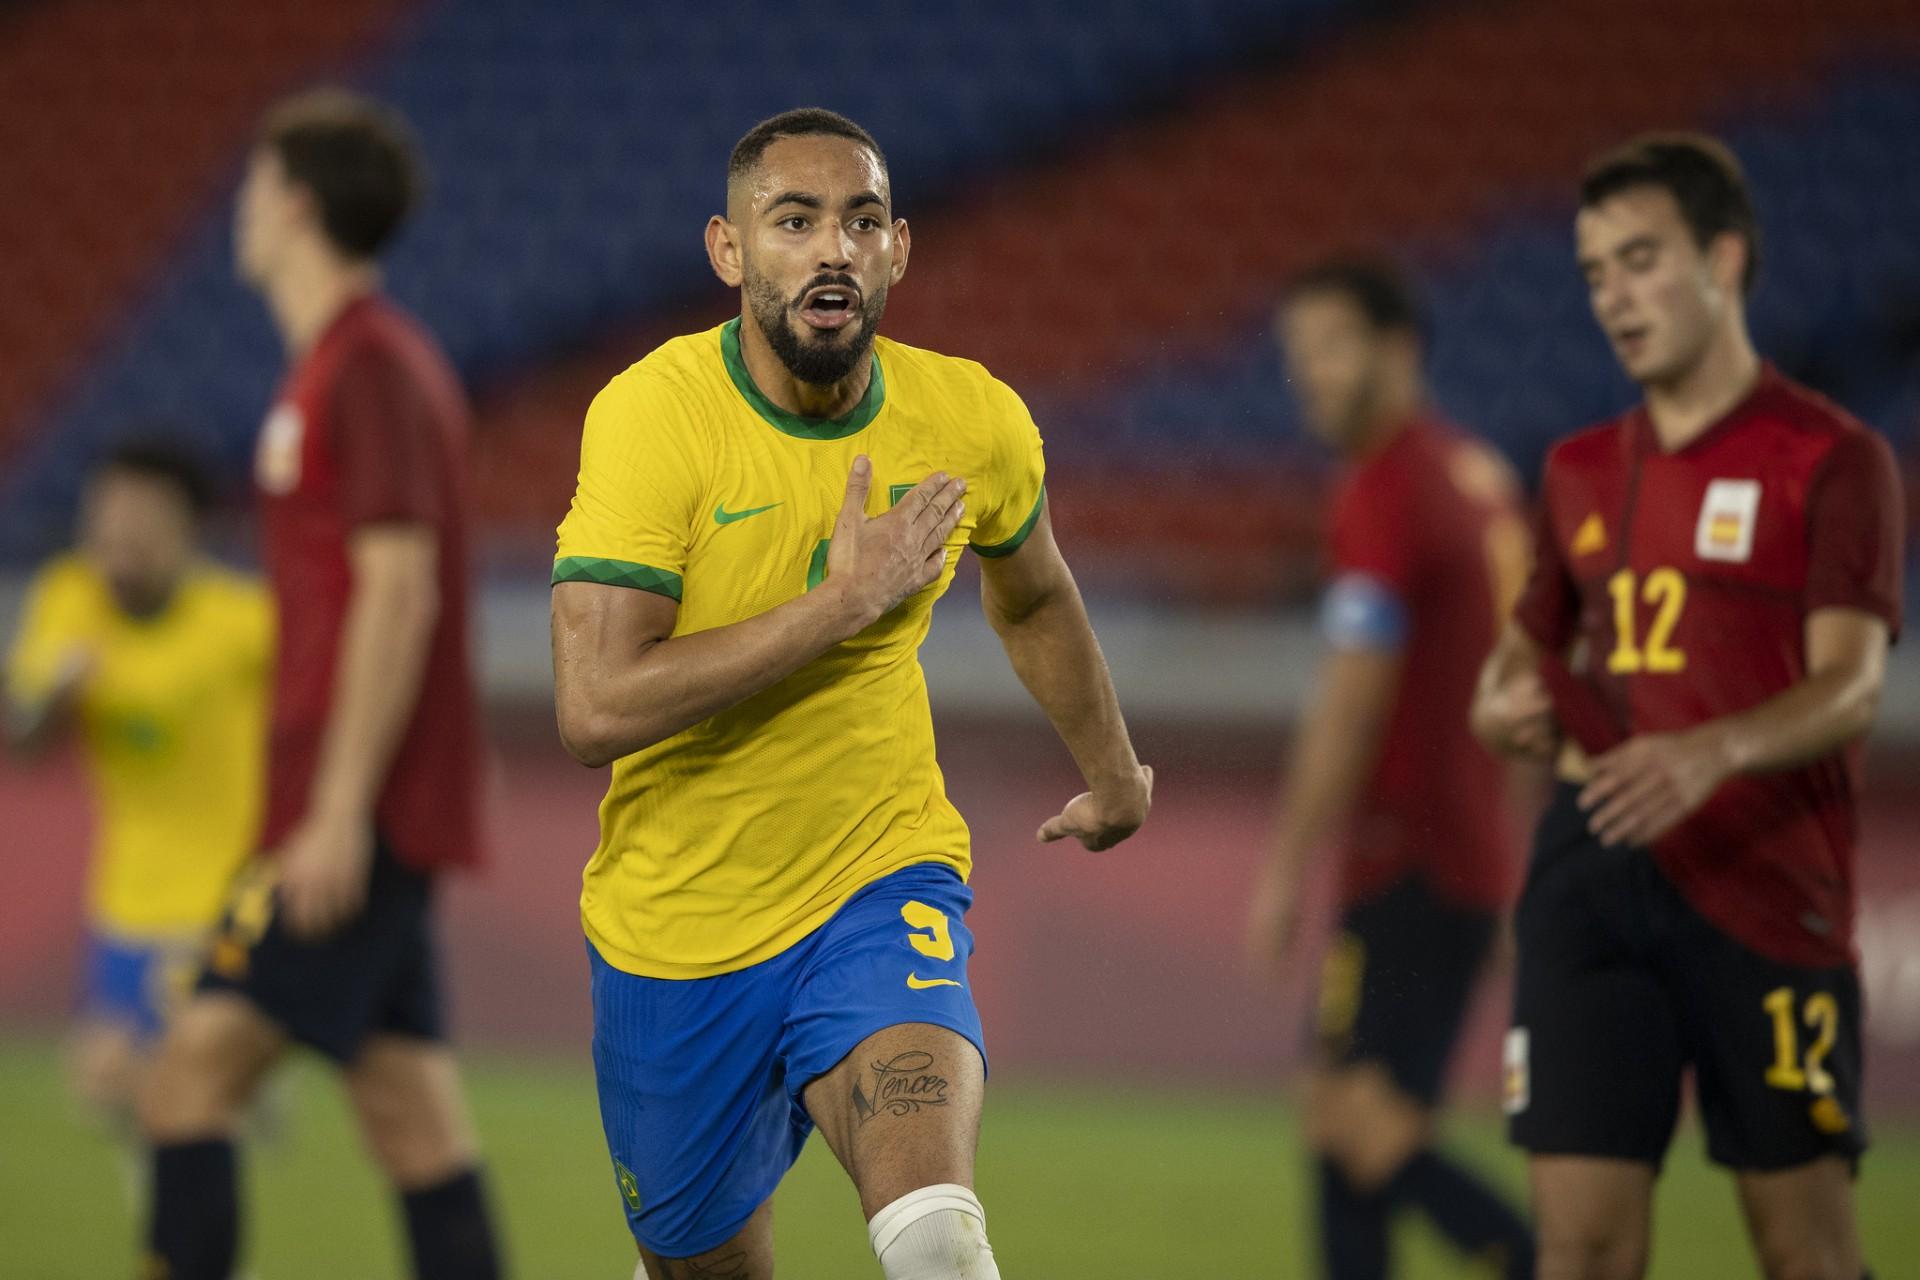 Lesionado, Matheus Cunha é cortado da Seleção para partidas das Eliminatórias